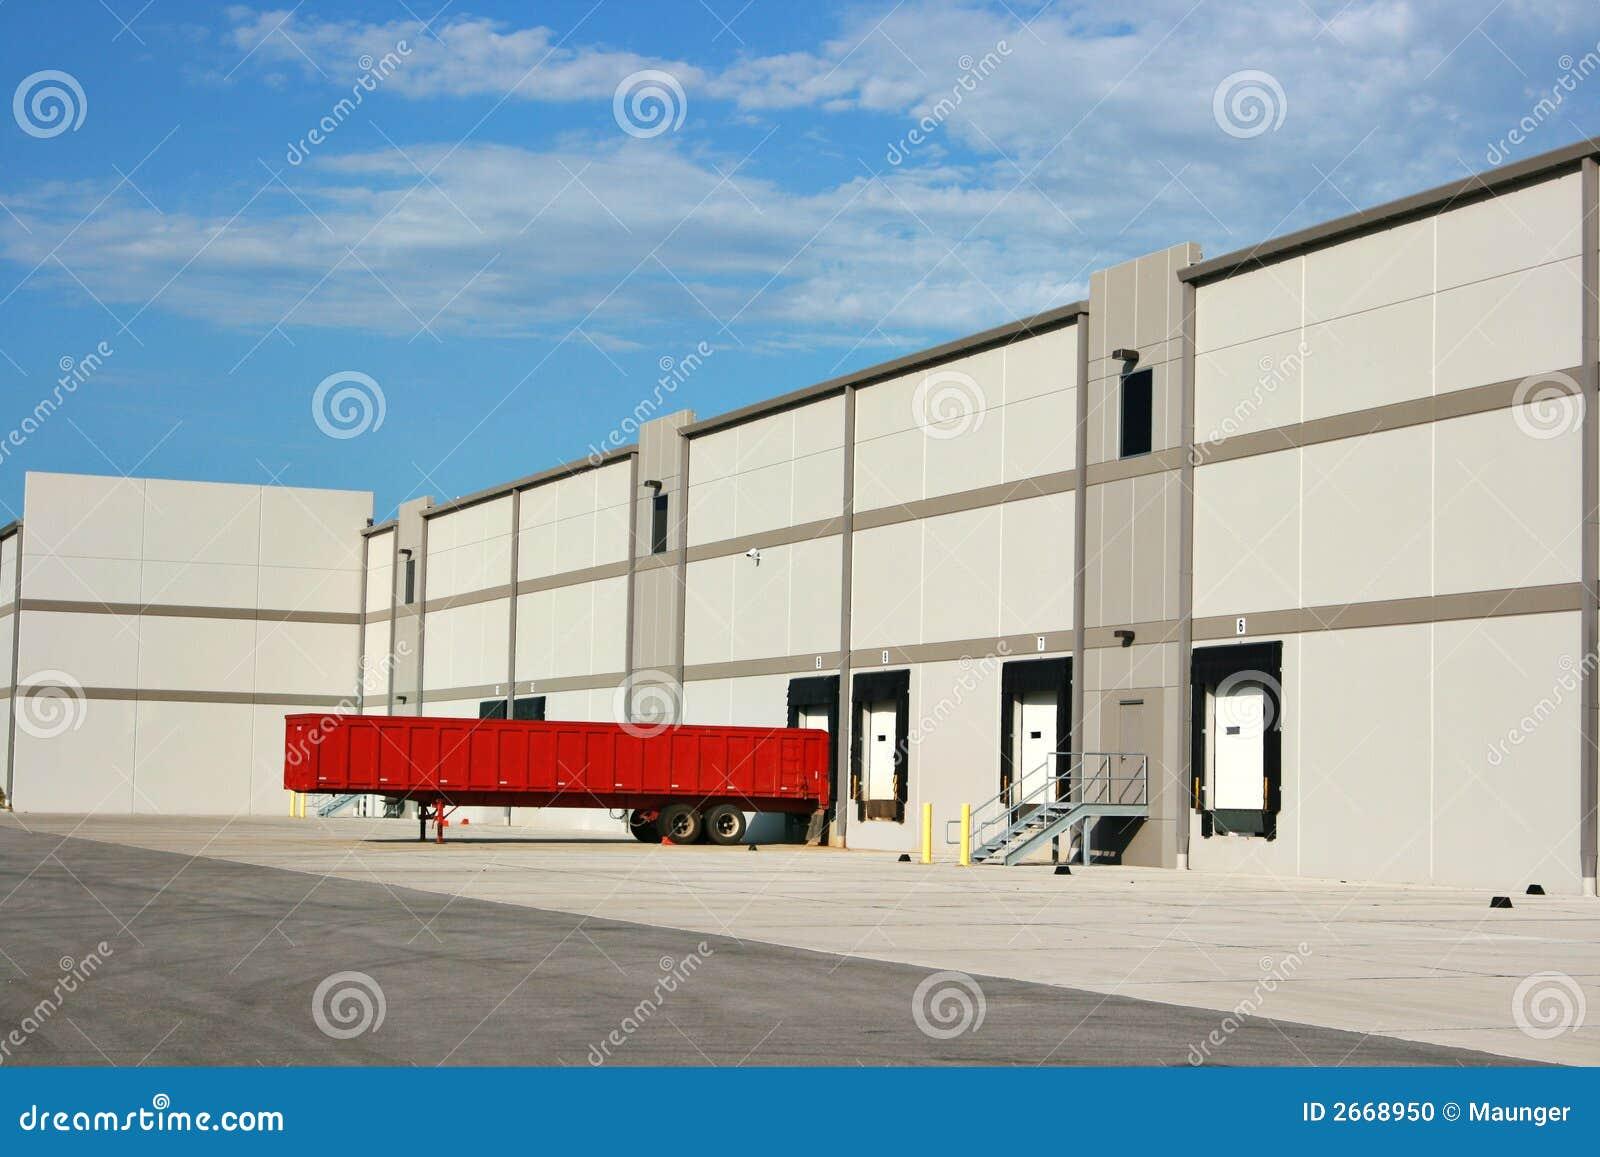 Warehouse Loading Dock Stock Photo Image 2668950